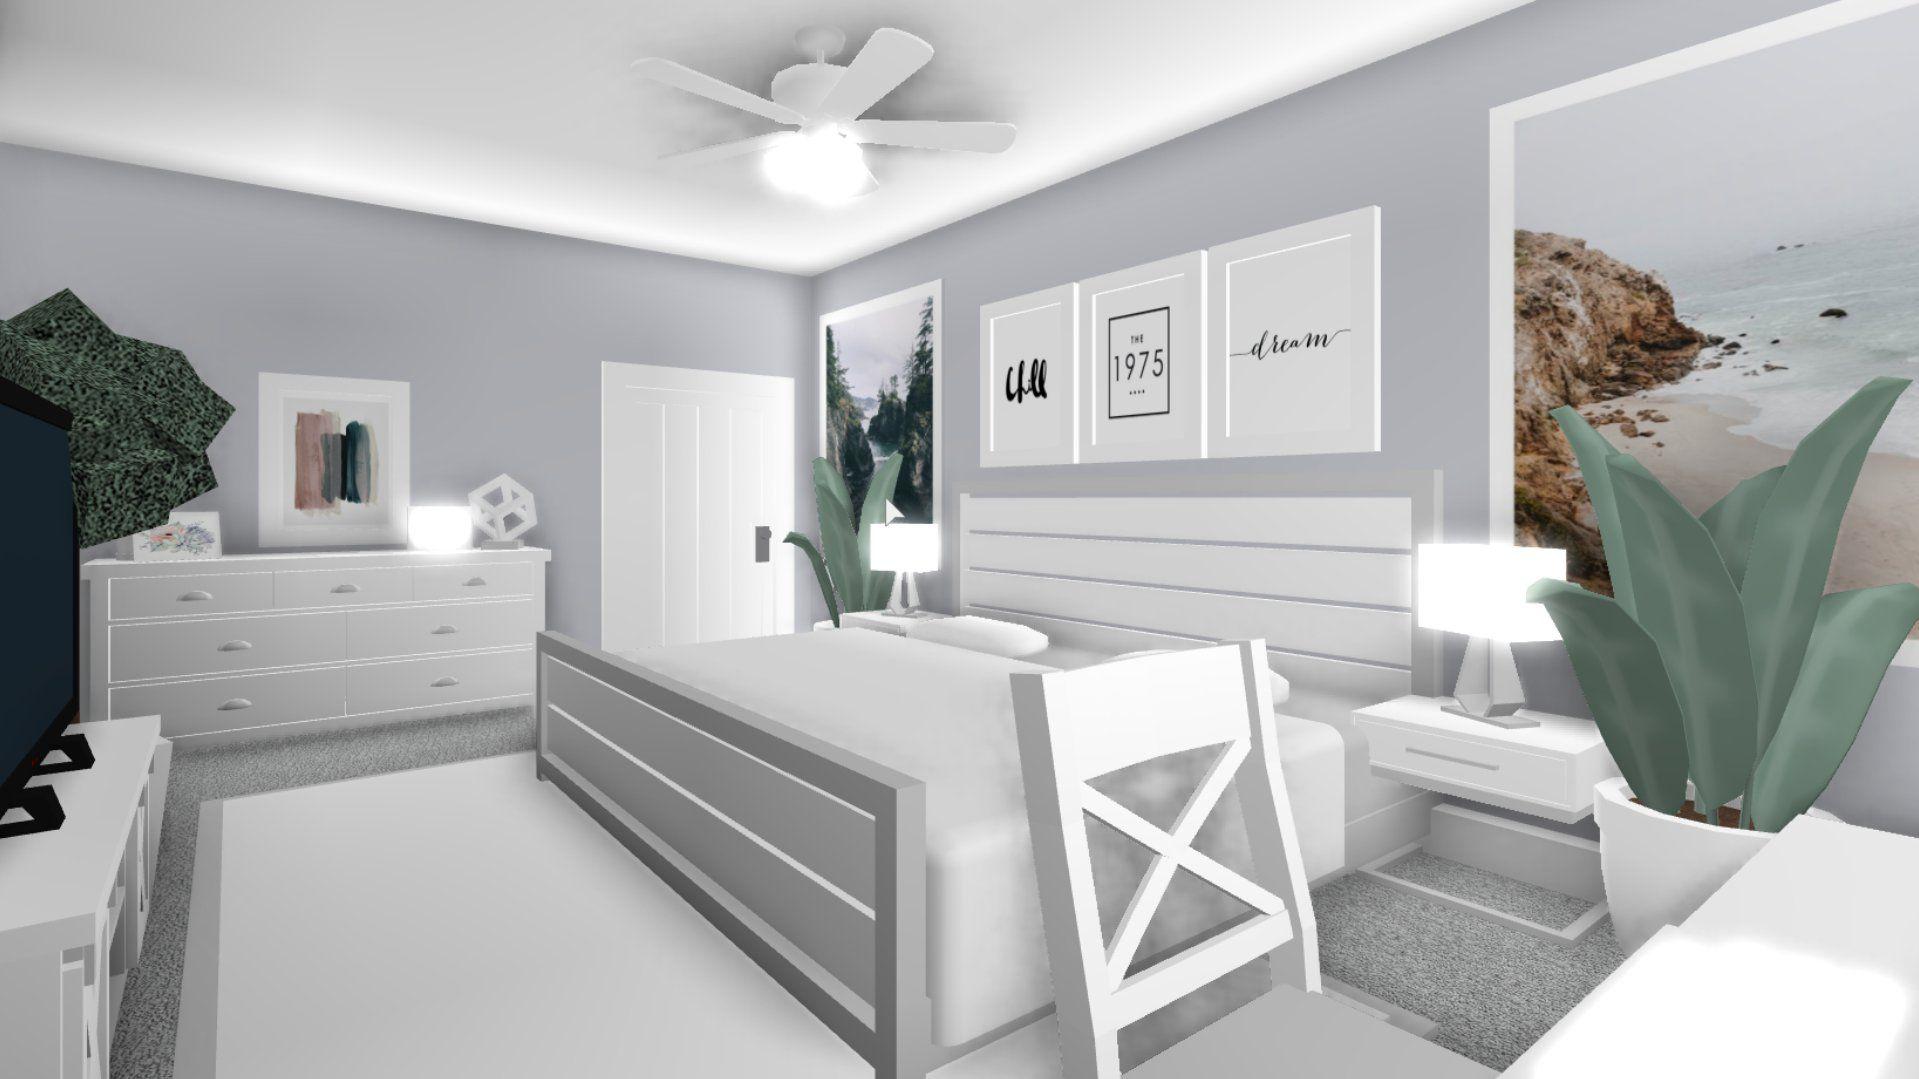 2 Story House Ideas Bloxburg Valoblogi Com